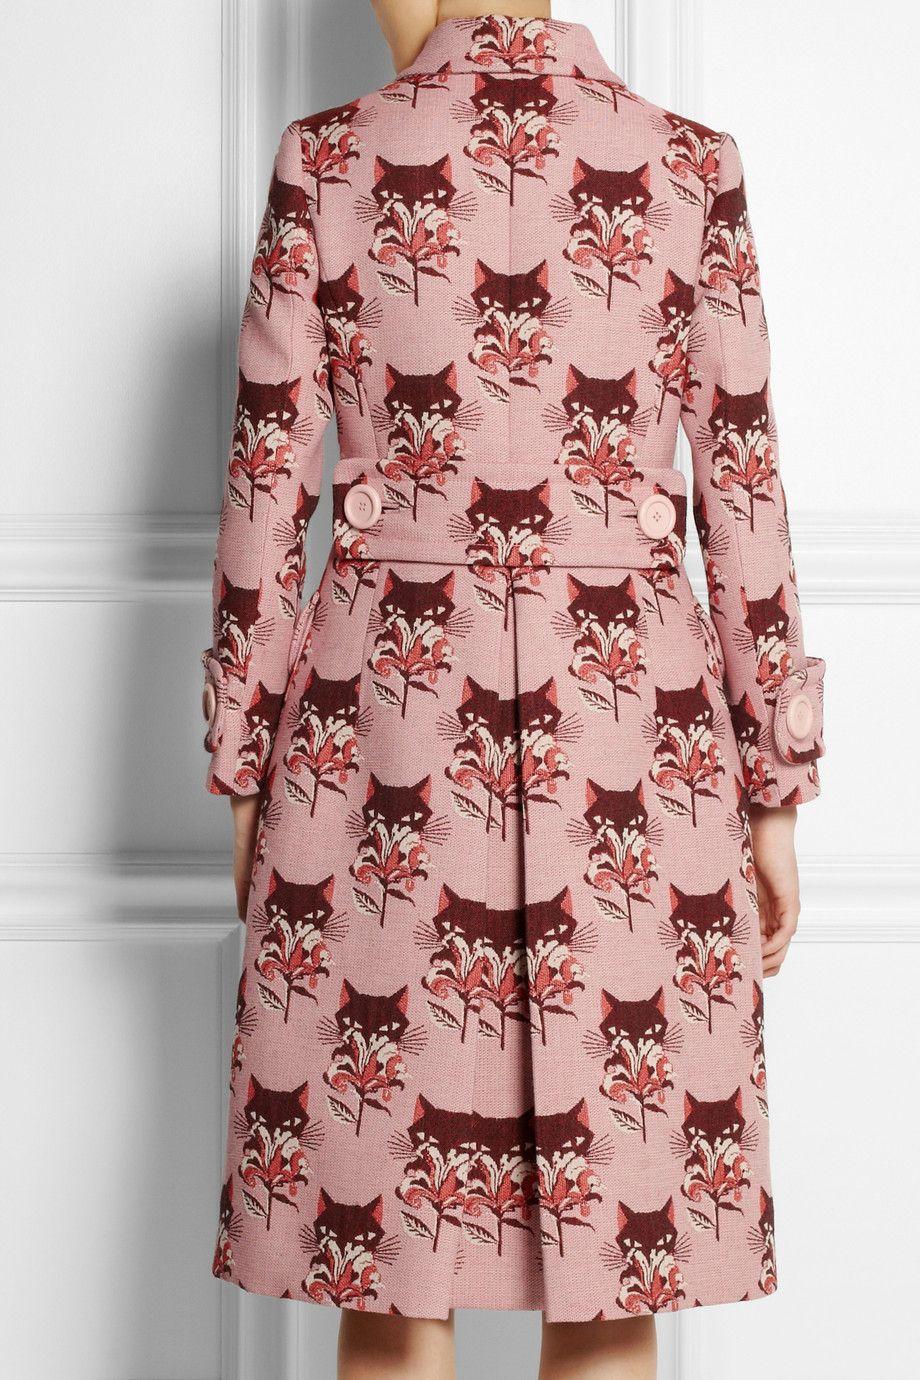 Miu Miu|Wool-blend jacquard coat|NET-A-PORTER.COM